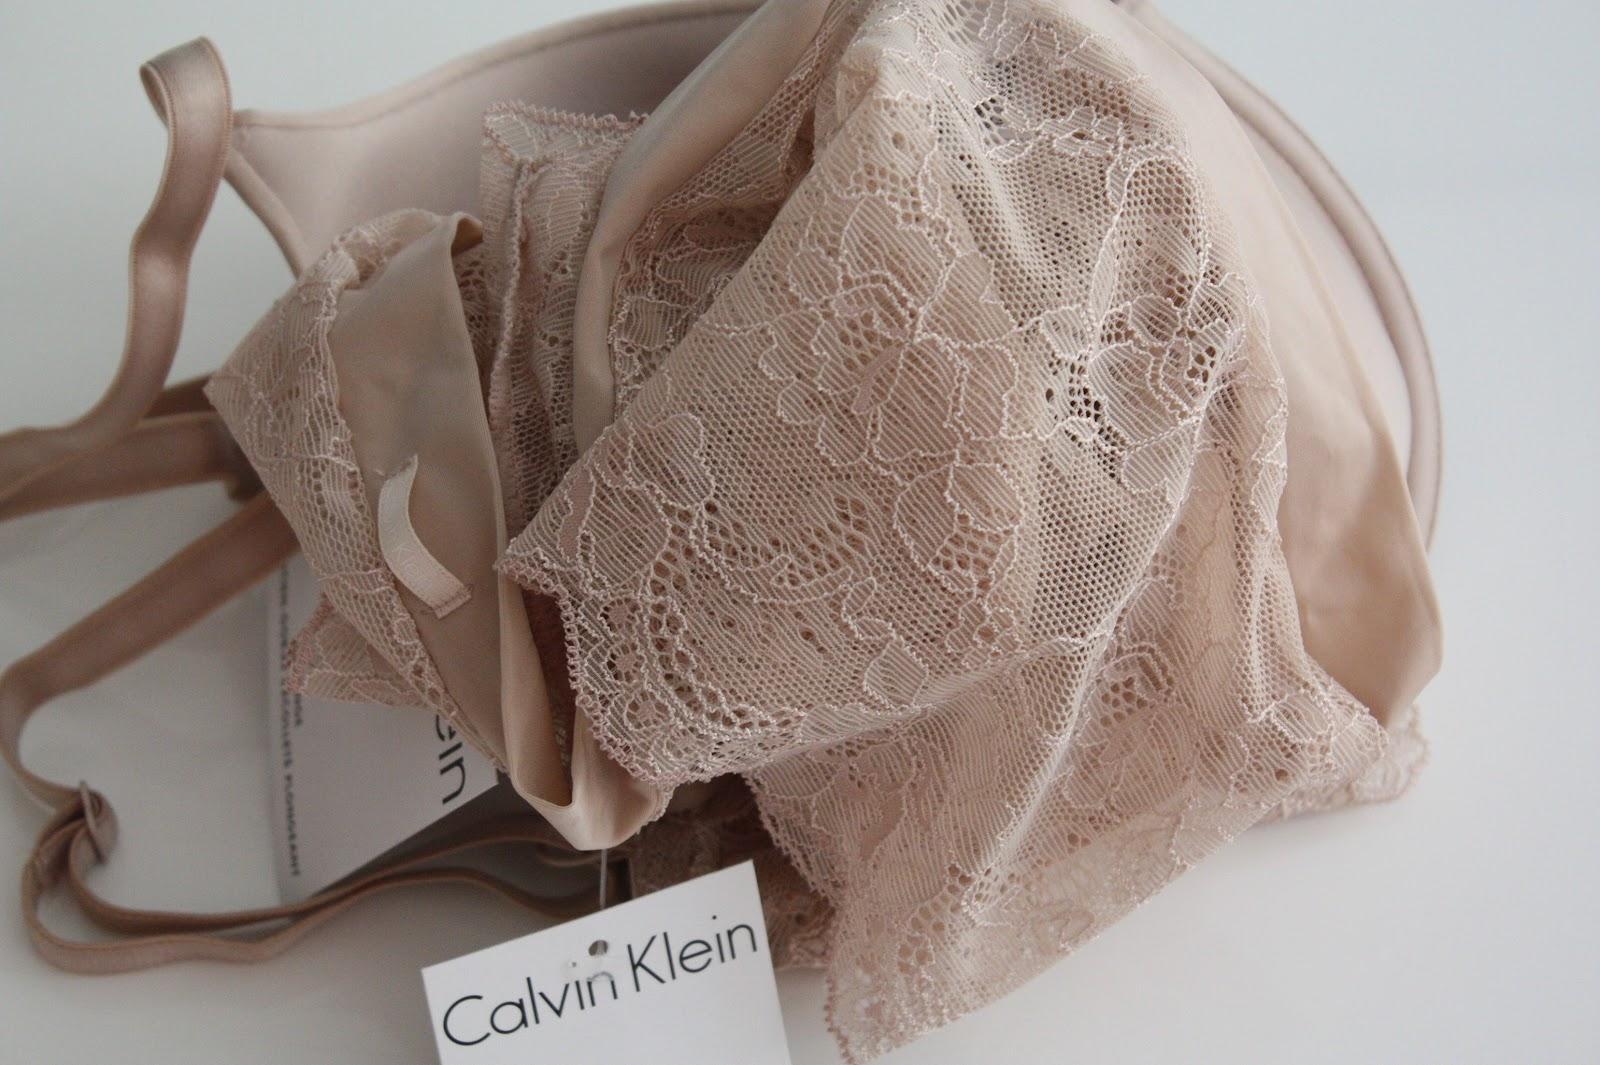 nude underwear Calvin Klein